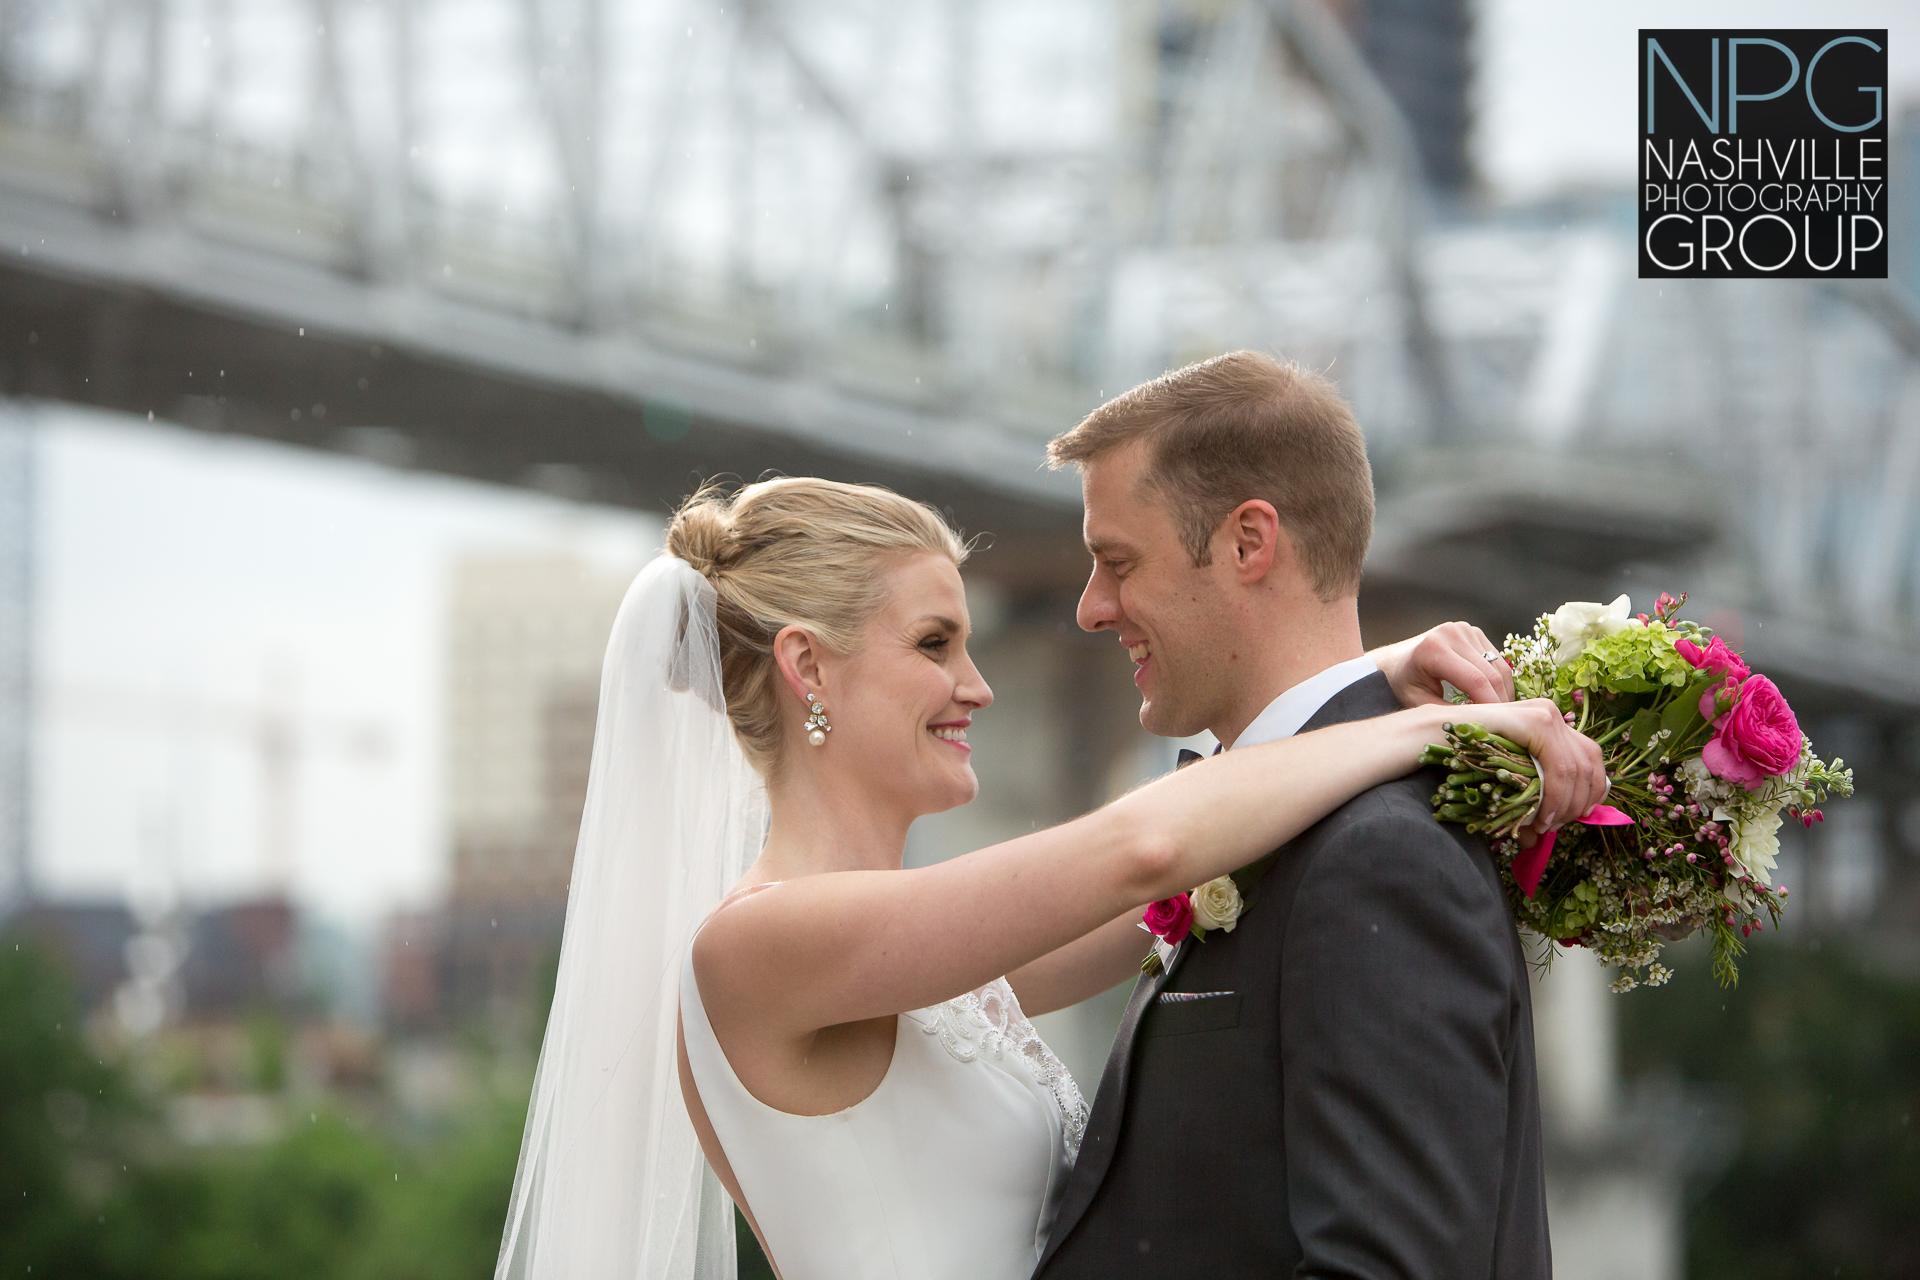 Nashville Photography Group - wedding photographers (2 of 2).jpg